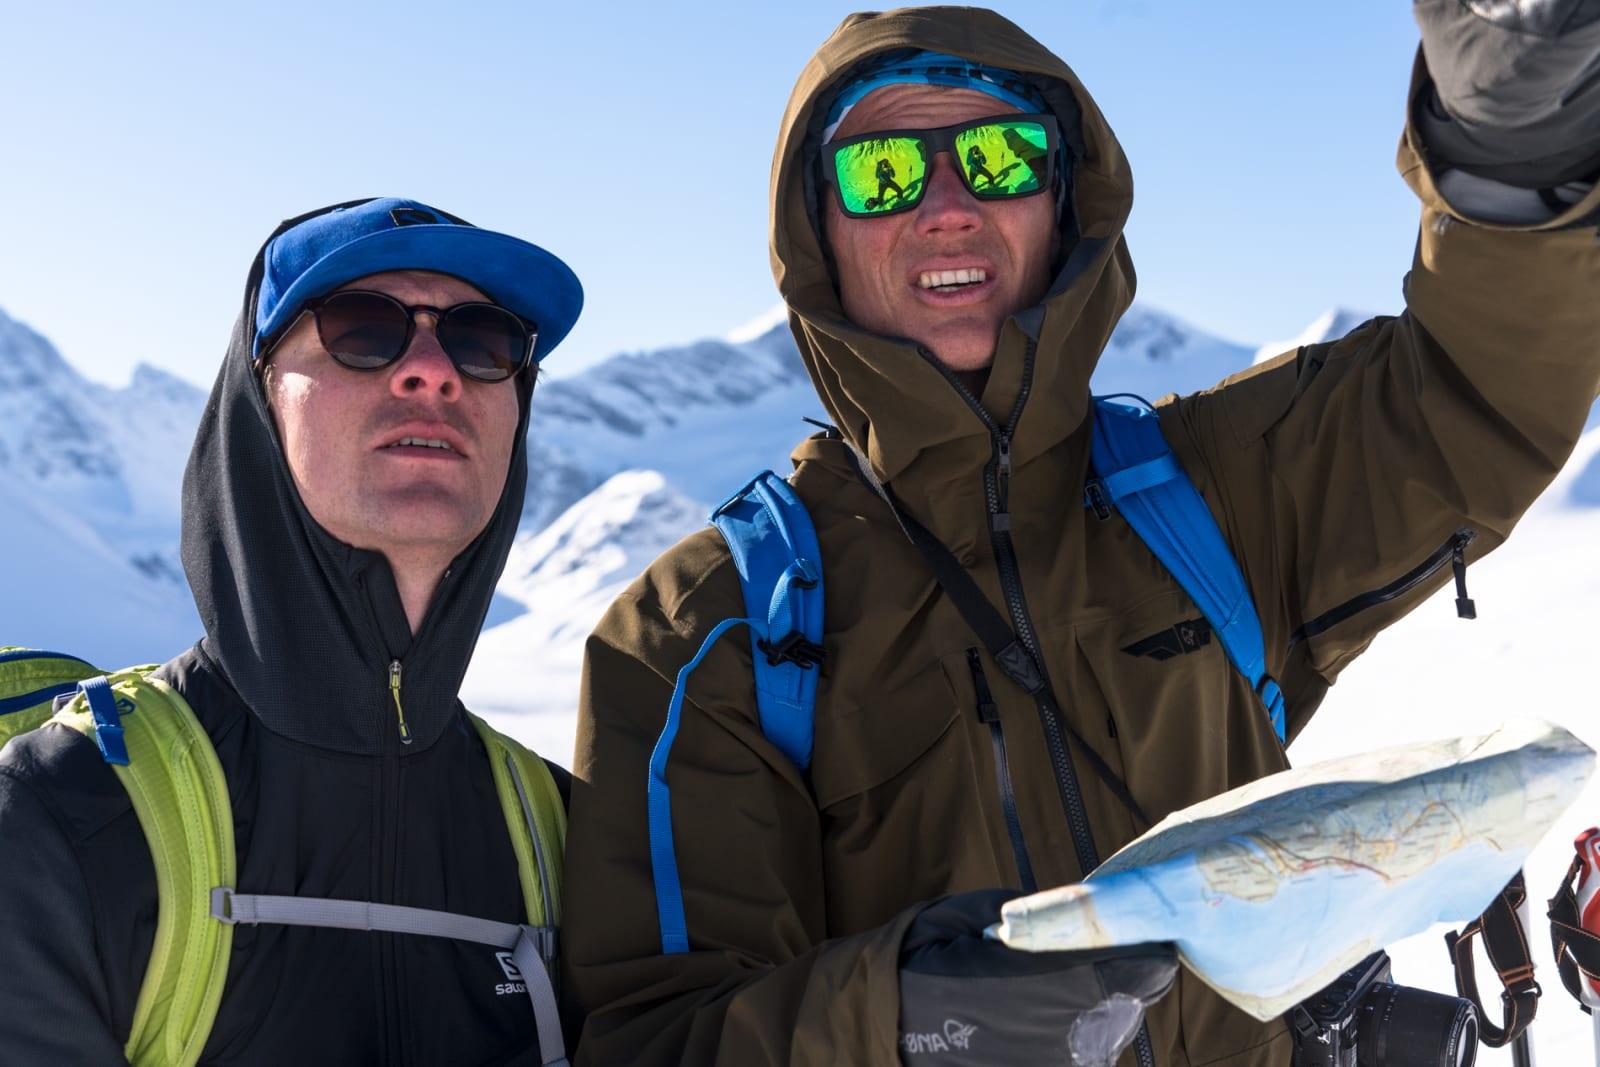 222 MULIGHETER: Robert Aaring og Asbjørn Eggebø Næss diskuterer snø og linjevalg under innspillingen av 222 muligheter. Bilde: Christian Nerdrum